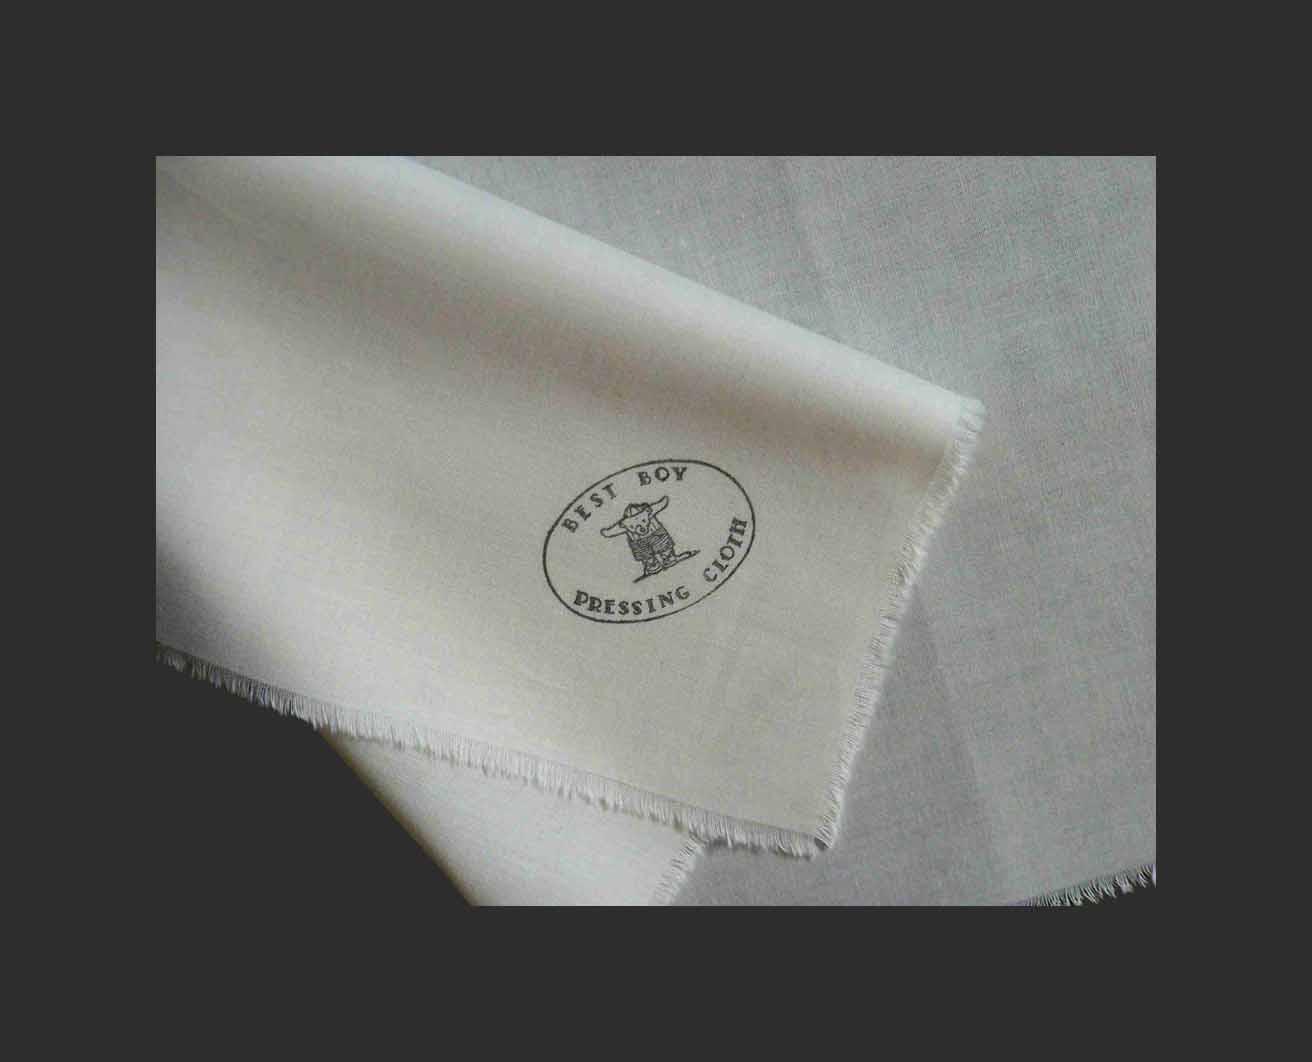 Best Boy Pressing Cloth.